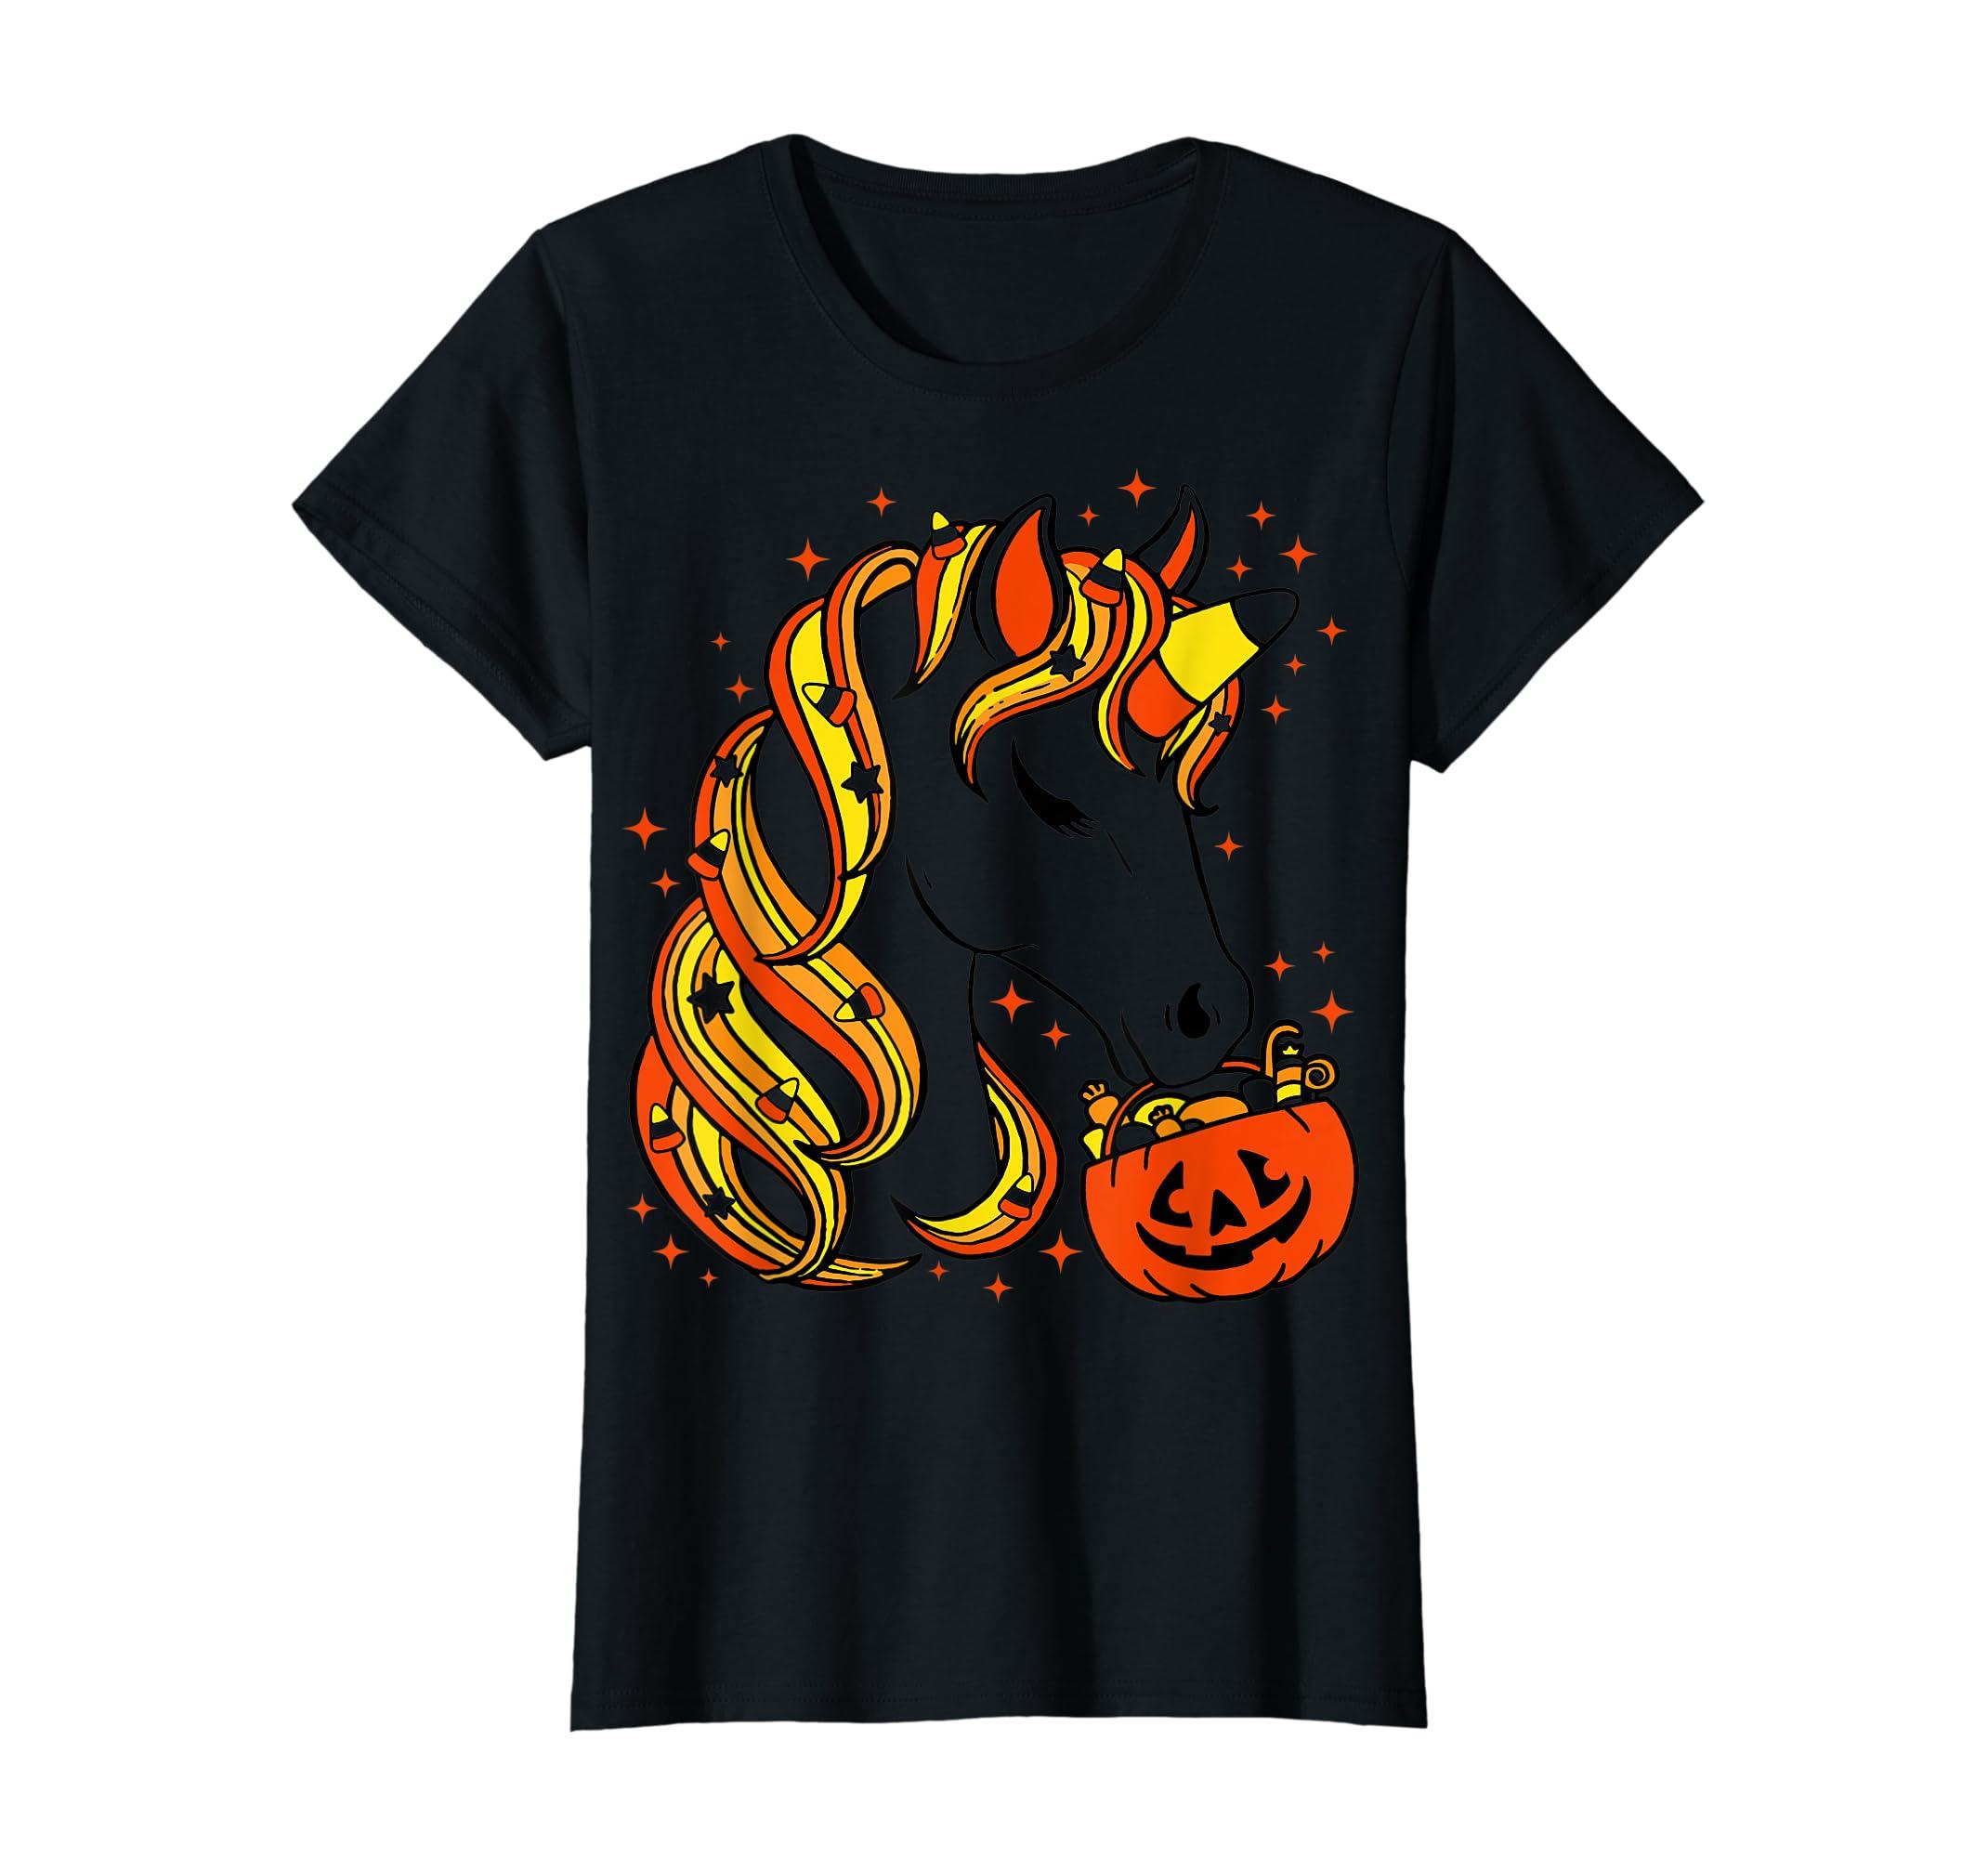 Cute Candy Corn Unicorn Halloween Top T-Shirt-Women's T-Shirt-Black